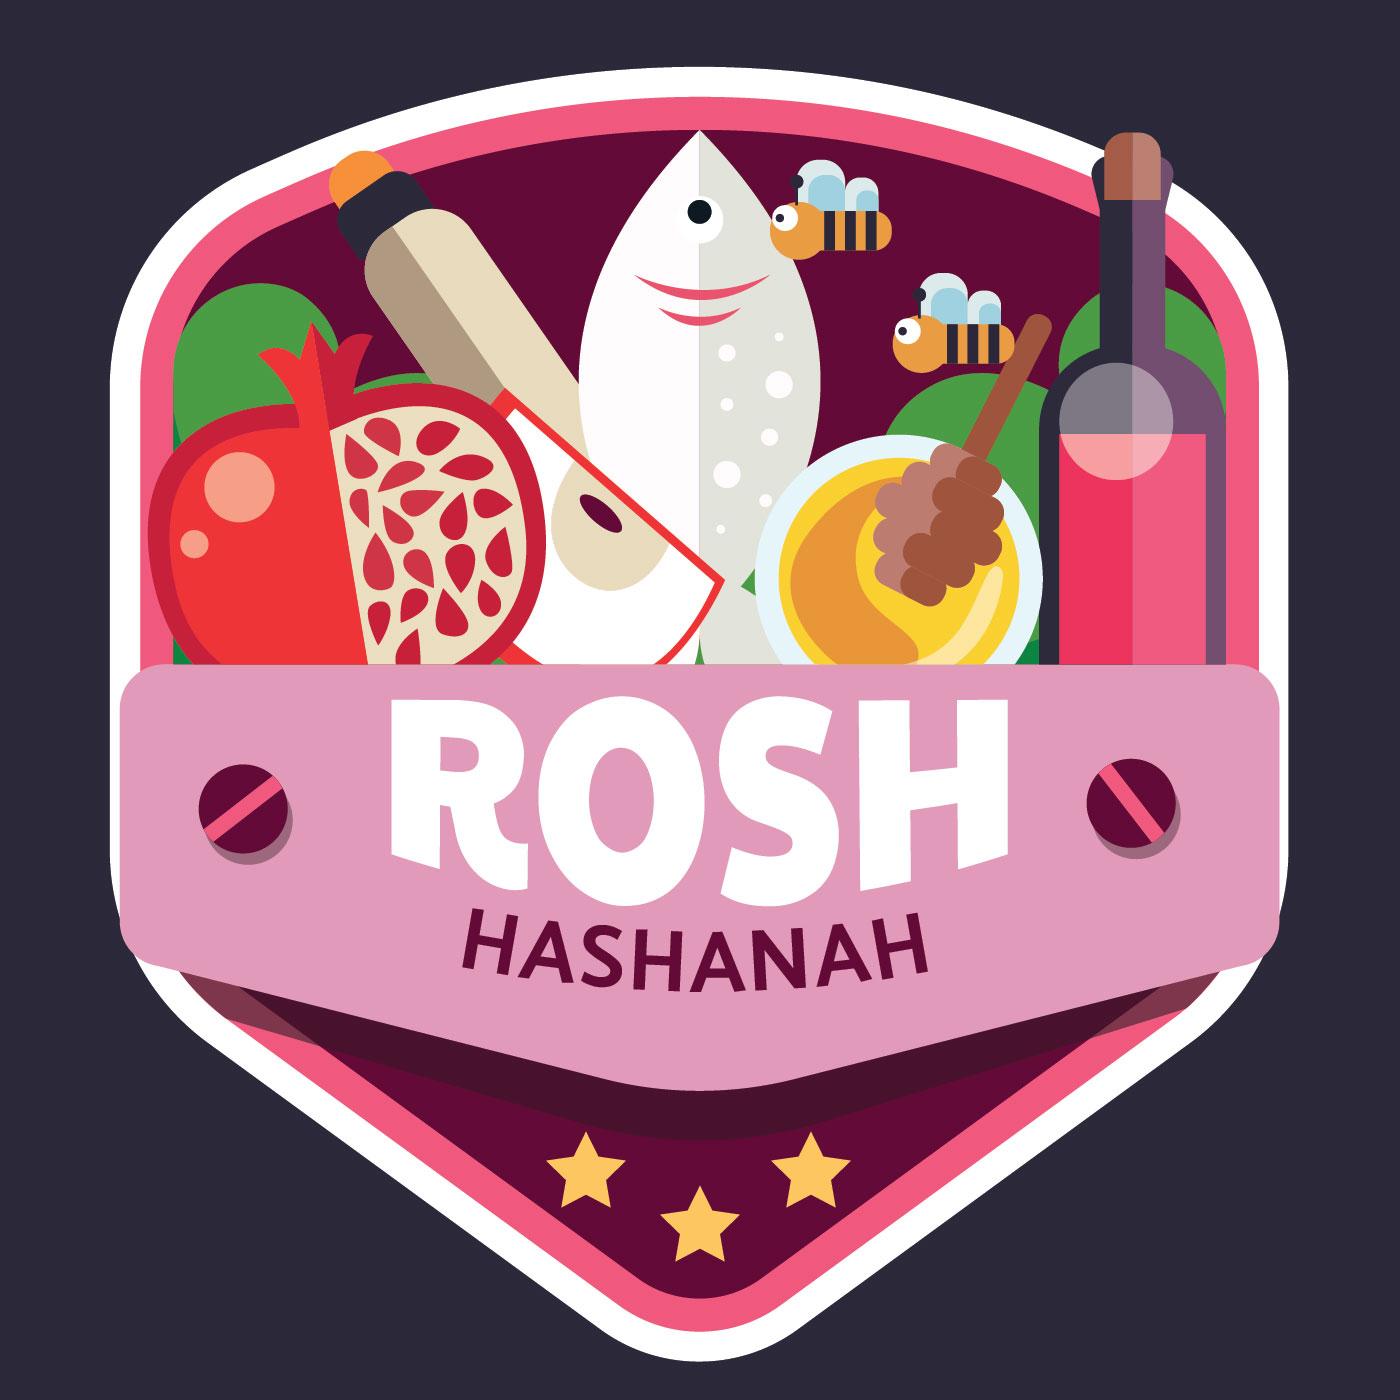 Conception De Vecteur Rosh Hashanah Insigne Telecharger Vectoriel Gratuit Clipart Graphique Vecteur Dessins Et Pictogramme Gratuit